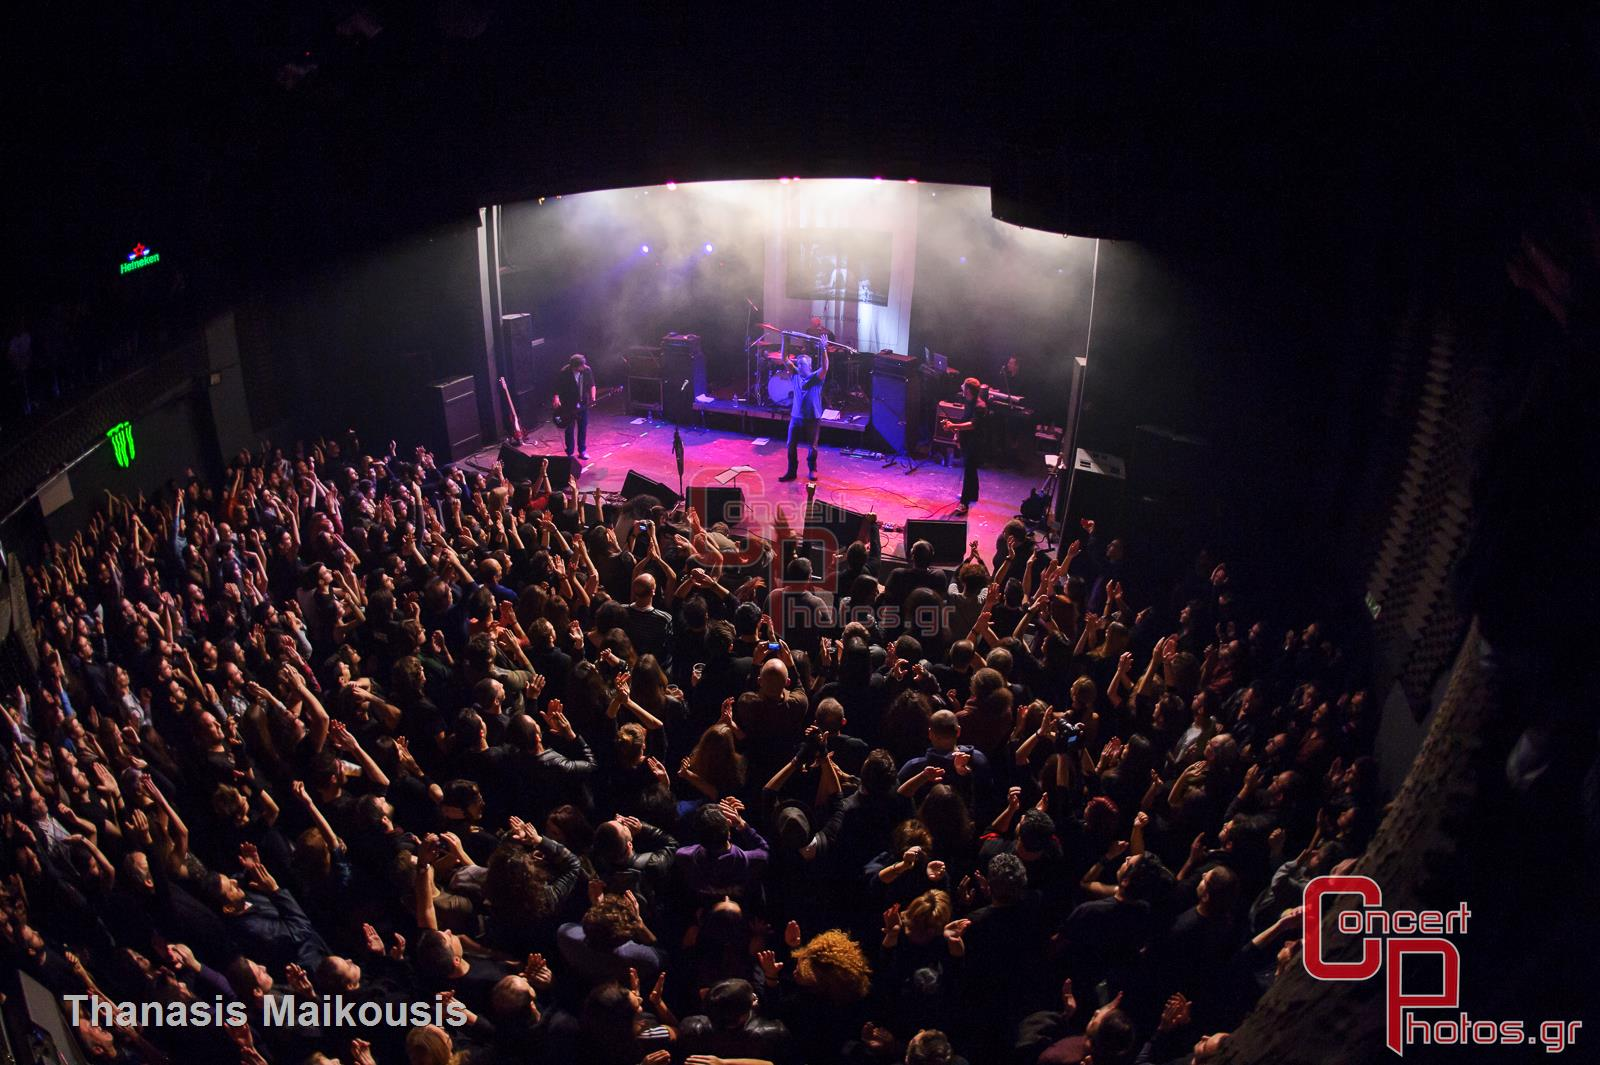 Peter Hook & The Light-Peter Hook & The Light photographer: Thanasis Maikousis - ConcertPhotos-0981